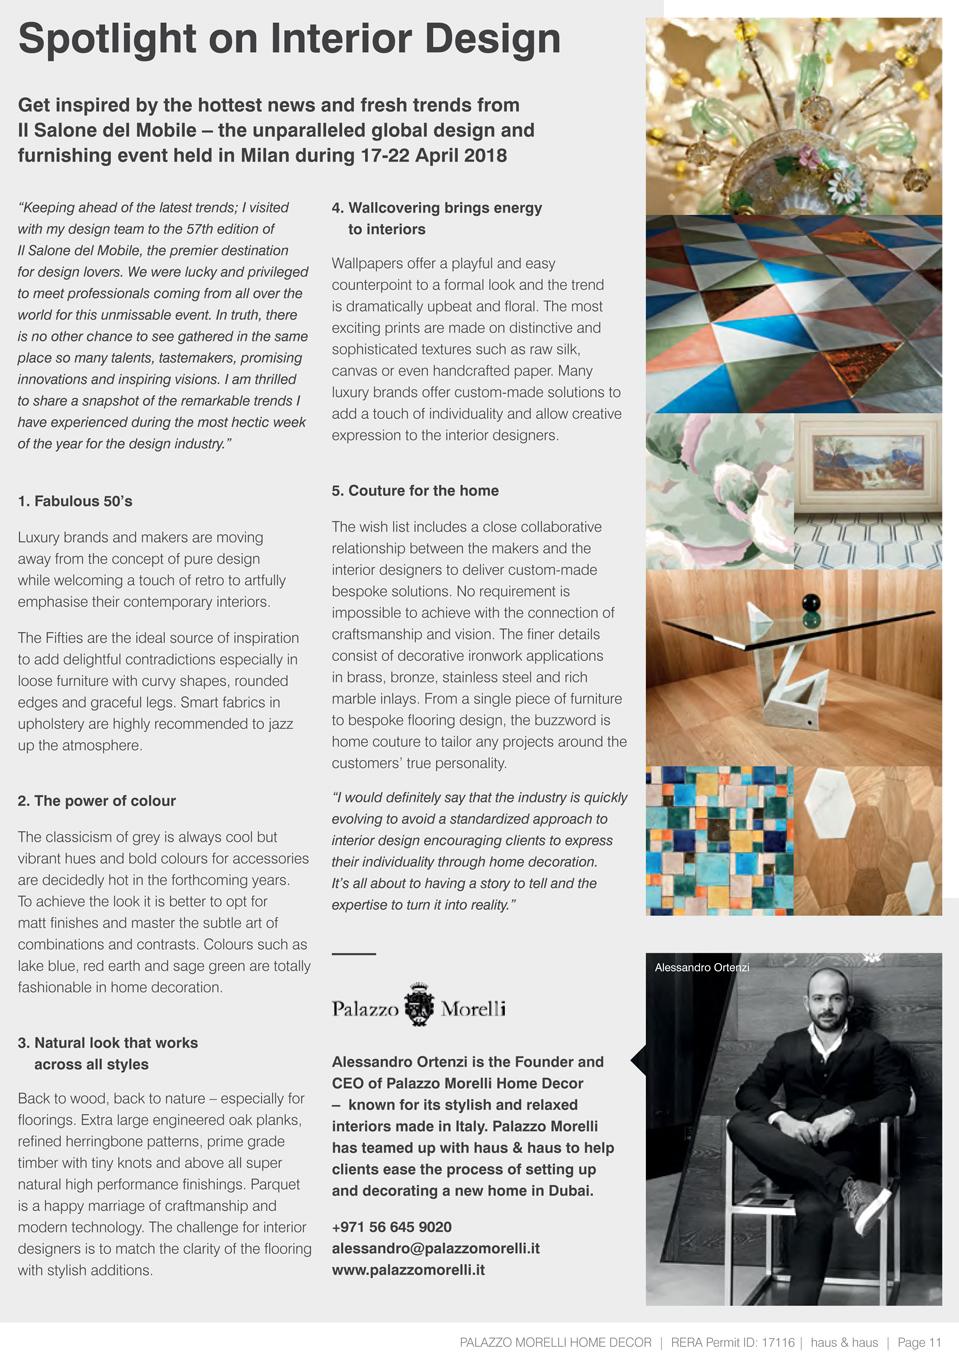 Spotlight on interior design palazzo morelli for Newspaper articles on interior design